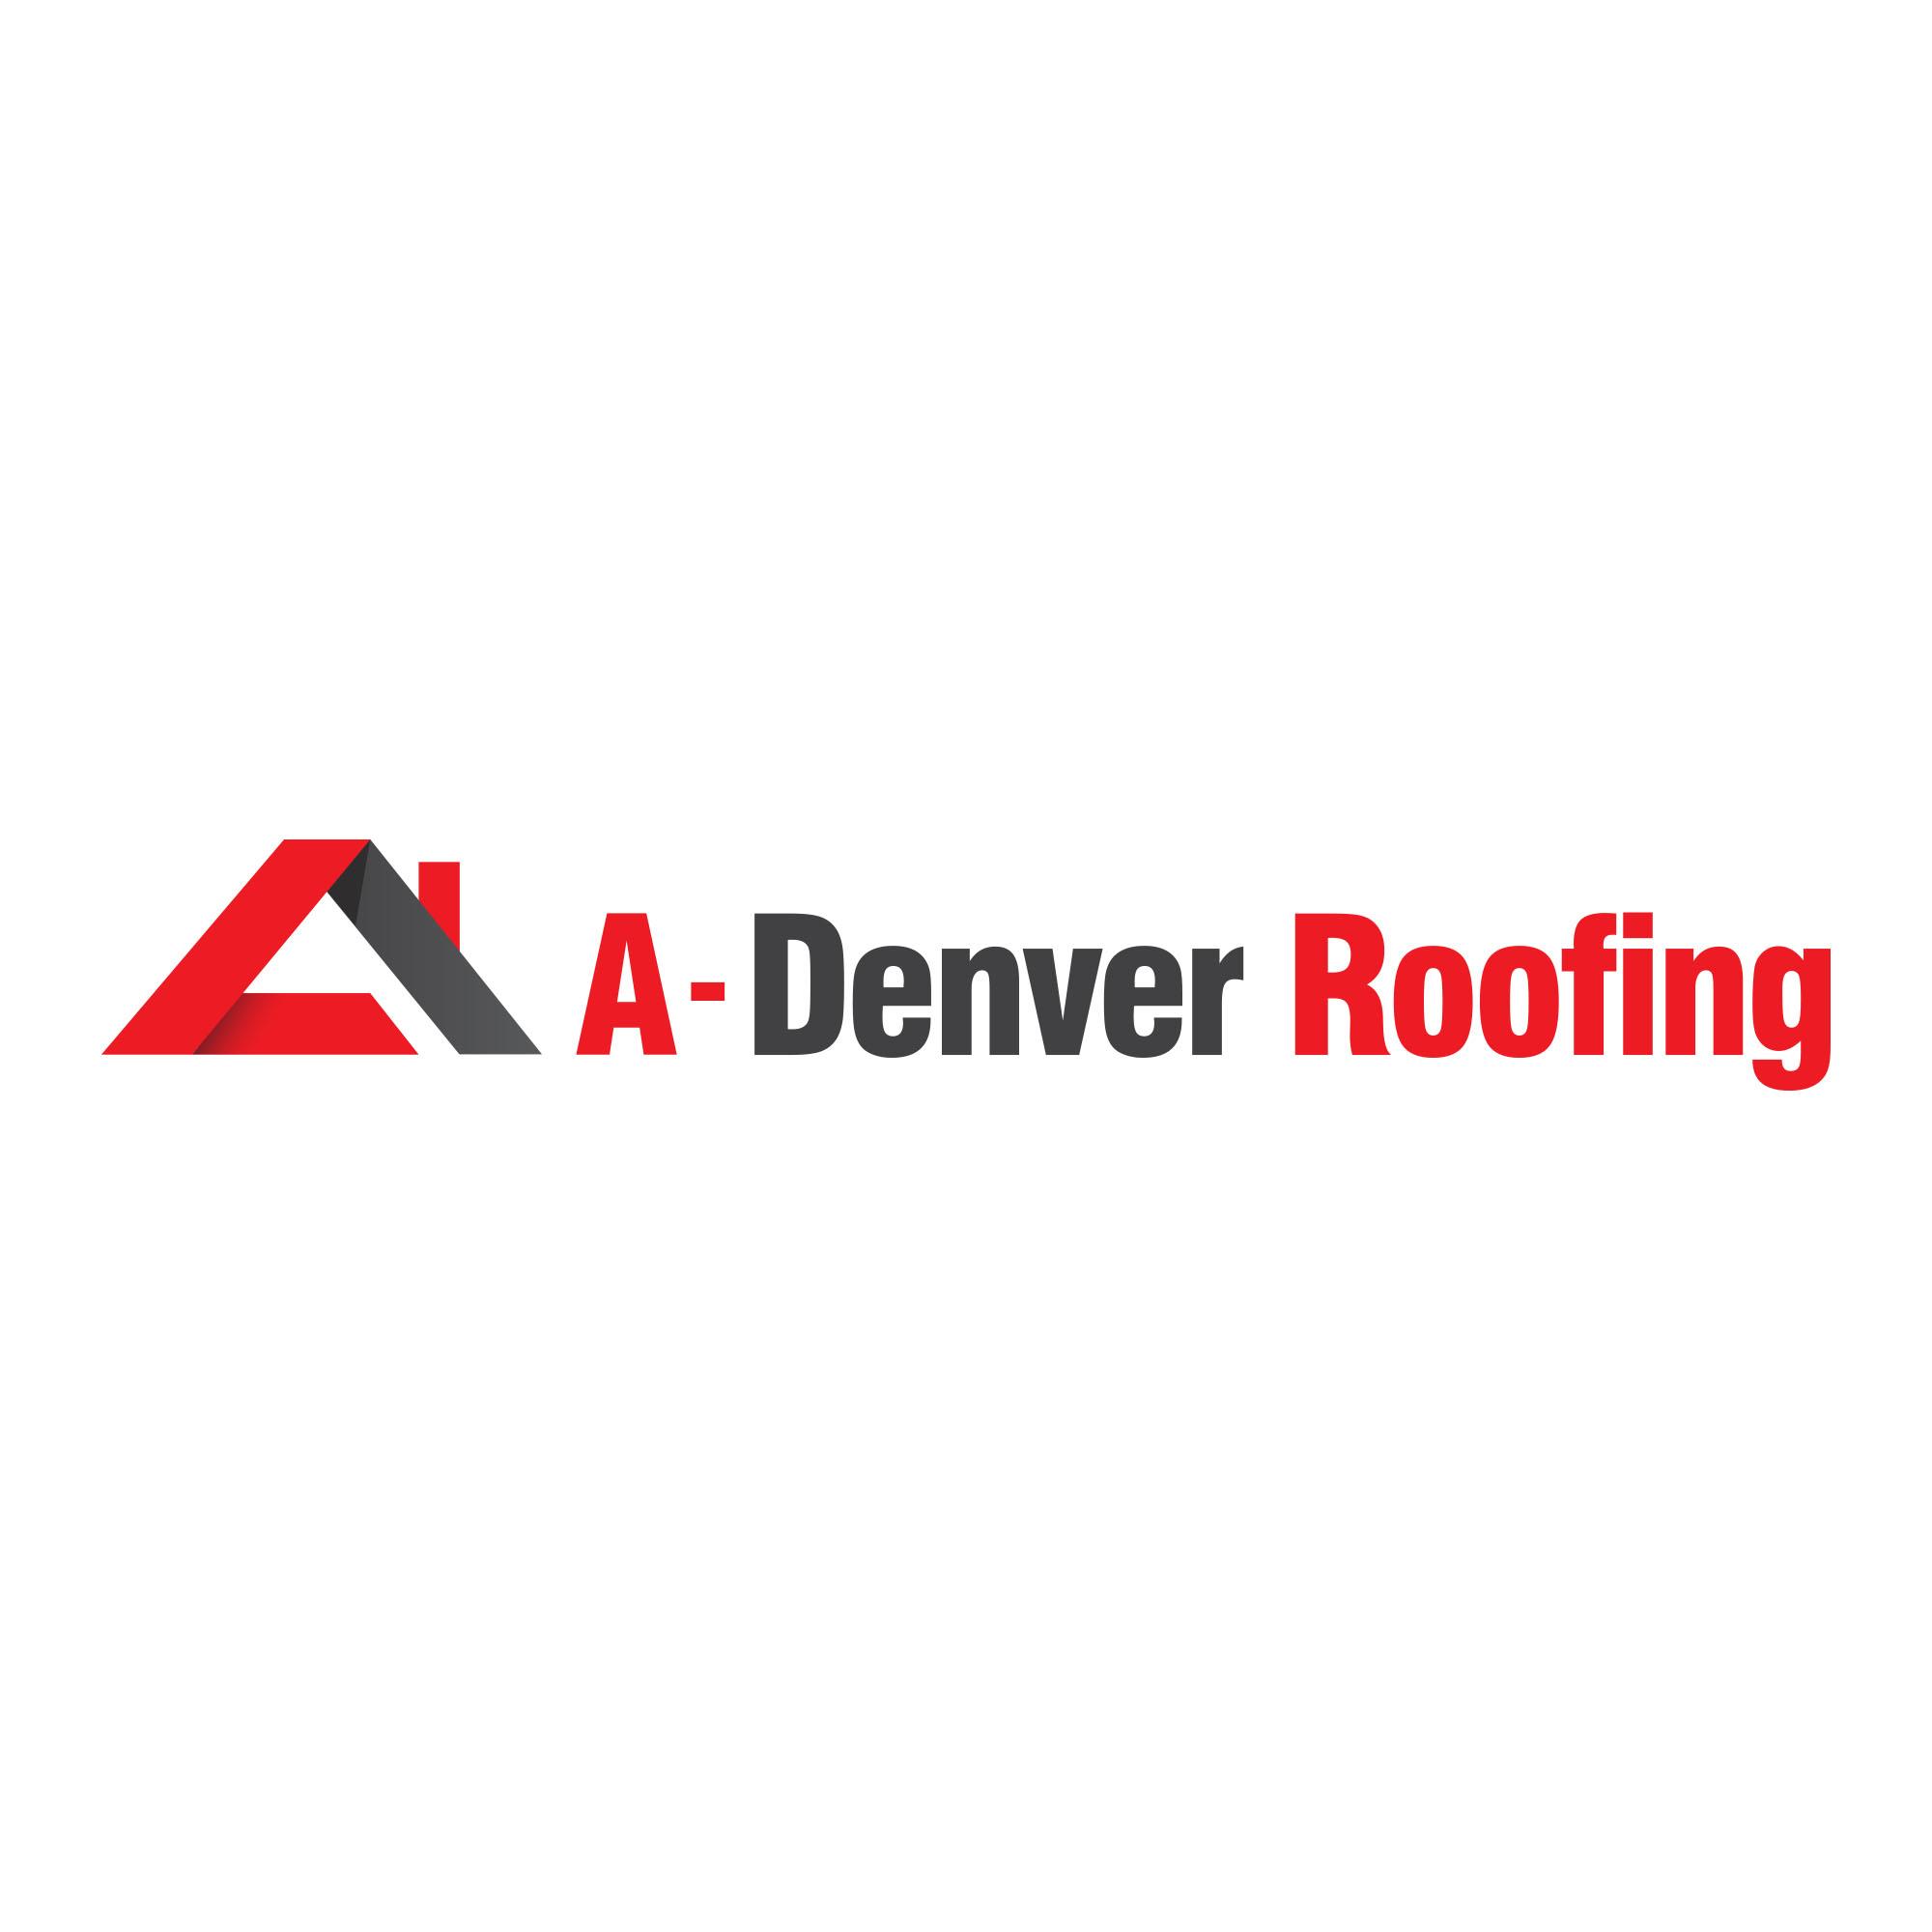 A-Denver Roofing